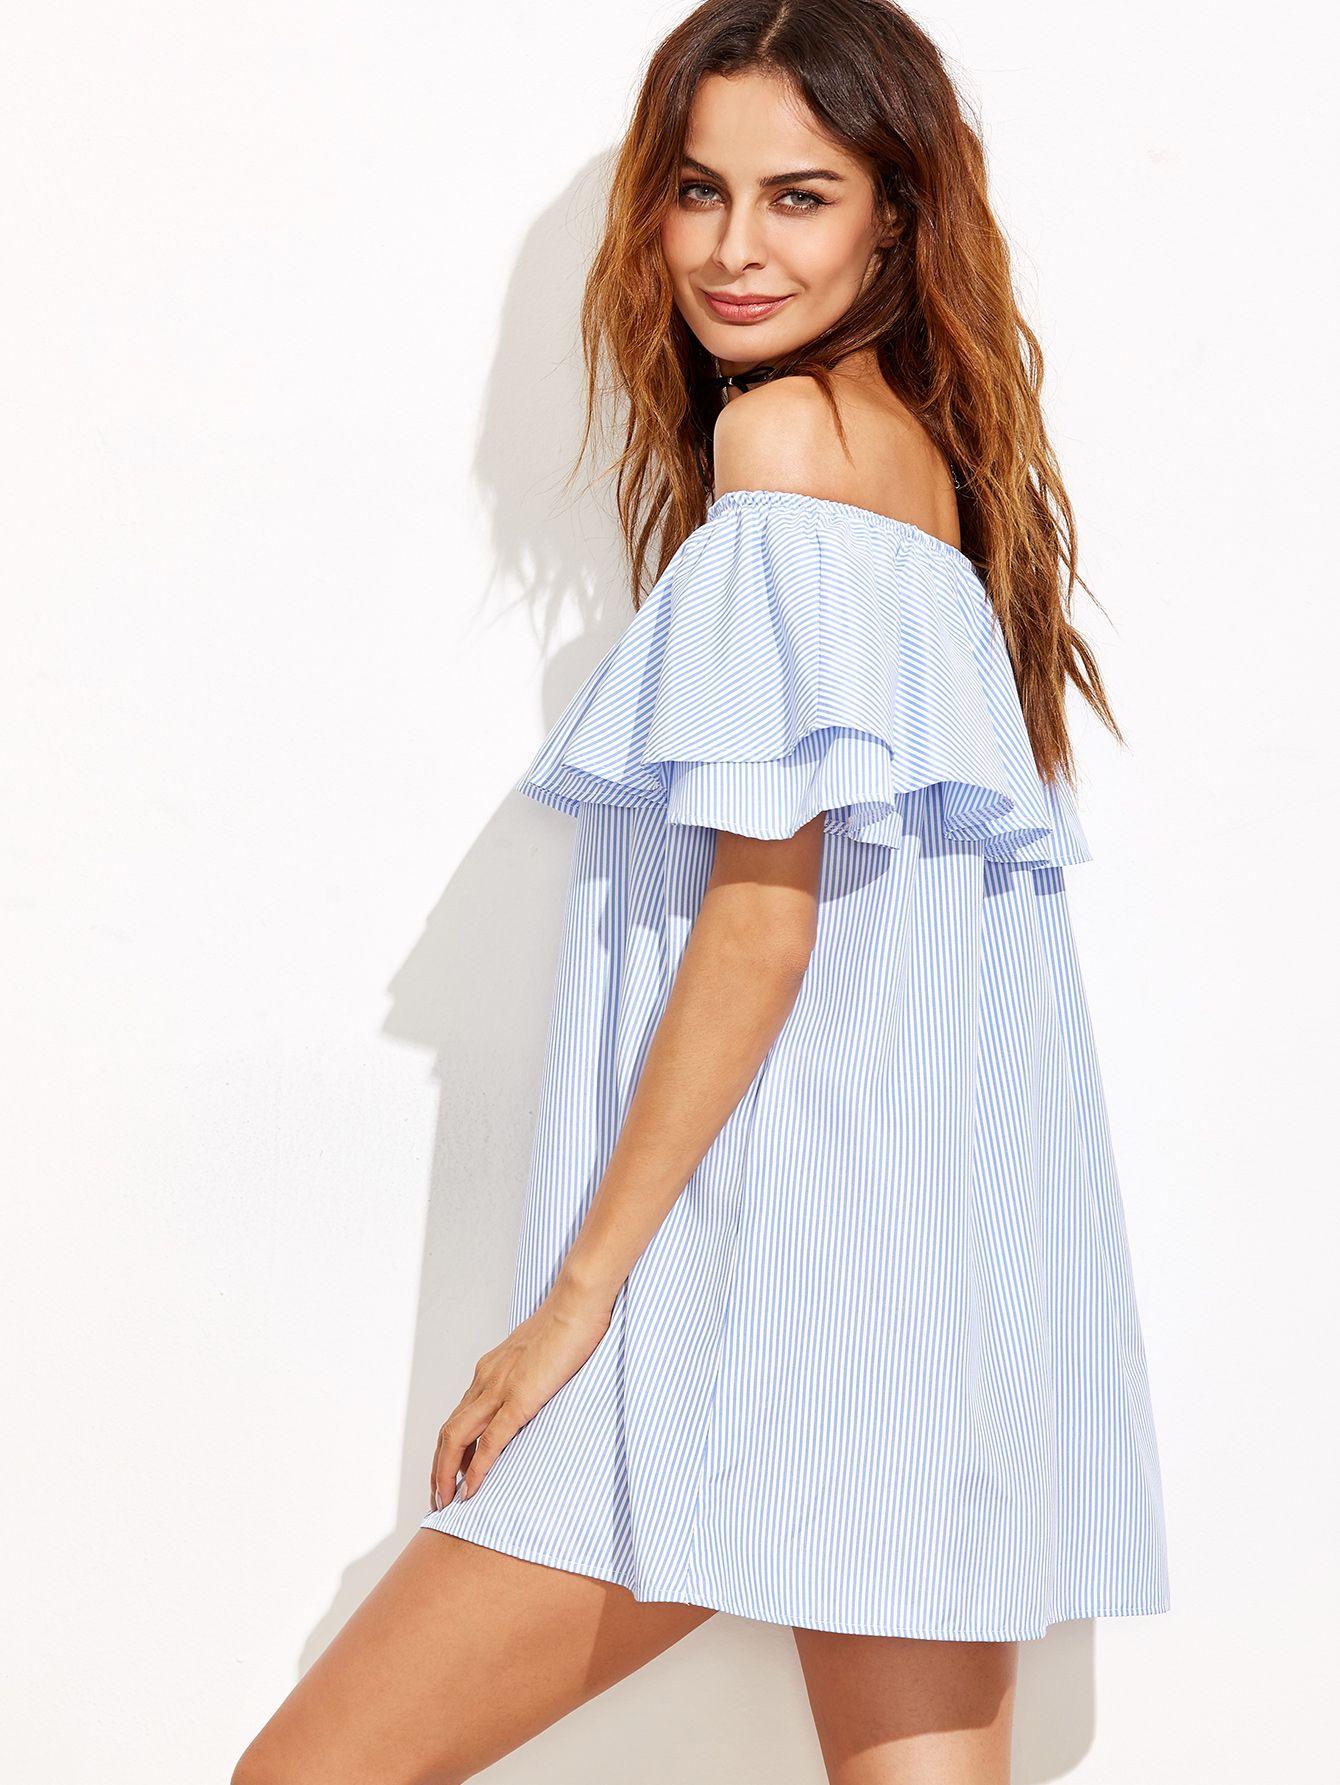 b0a2b7d33f dress160905121 2 Pink Ruffle Dress